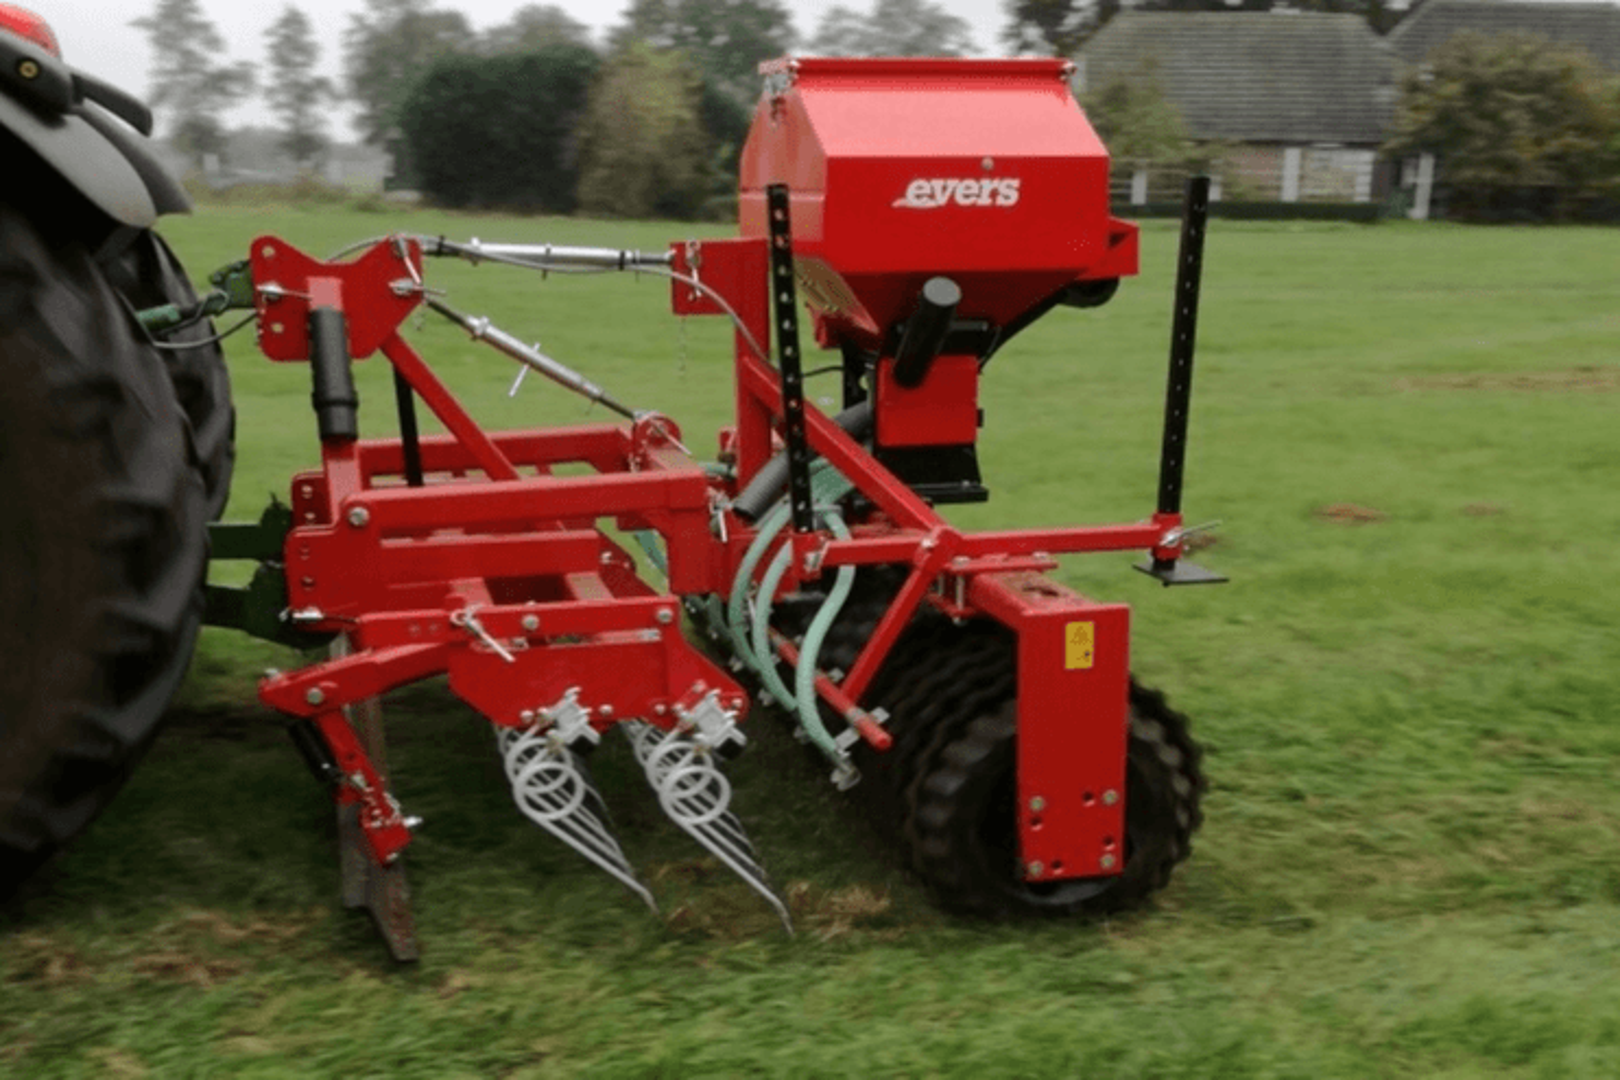 Grass Profi doorzaaimachine gedragen uitvoering met hydraulische zaaimachine.